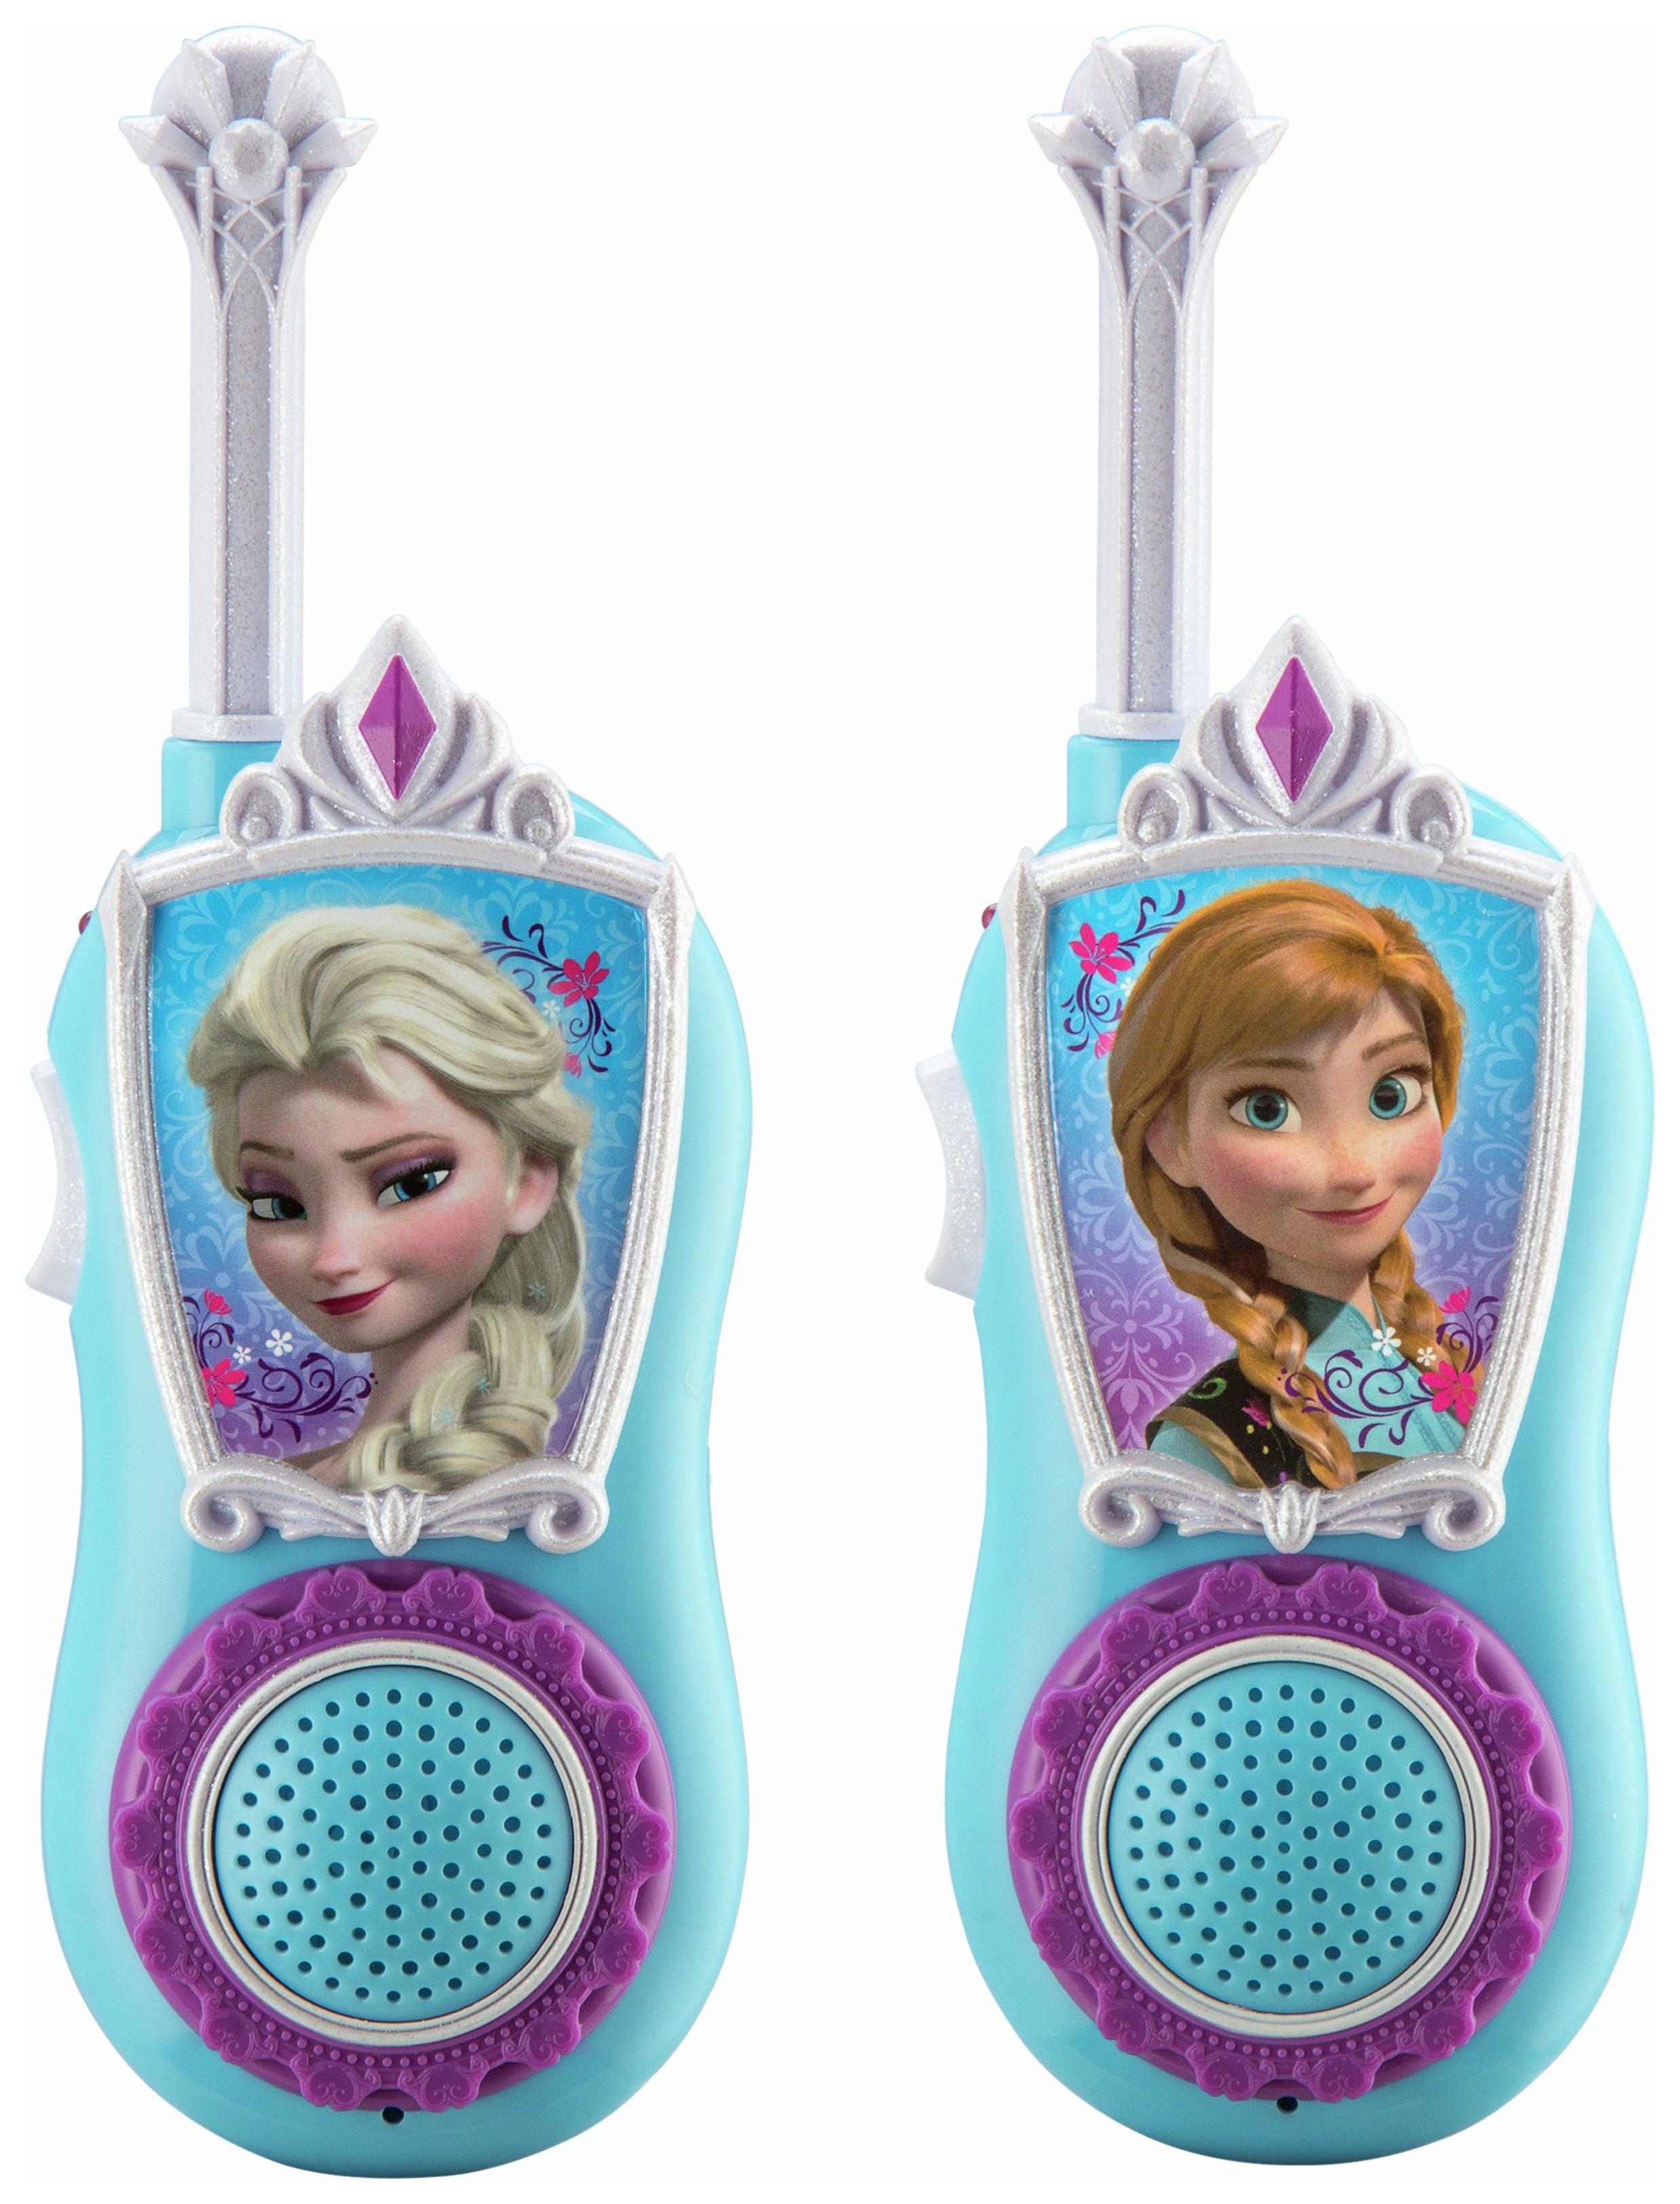 Disney Frozen 450m Long Range Walkie Talkies. review